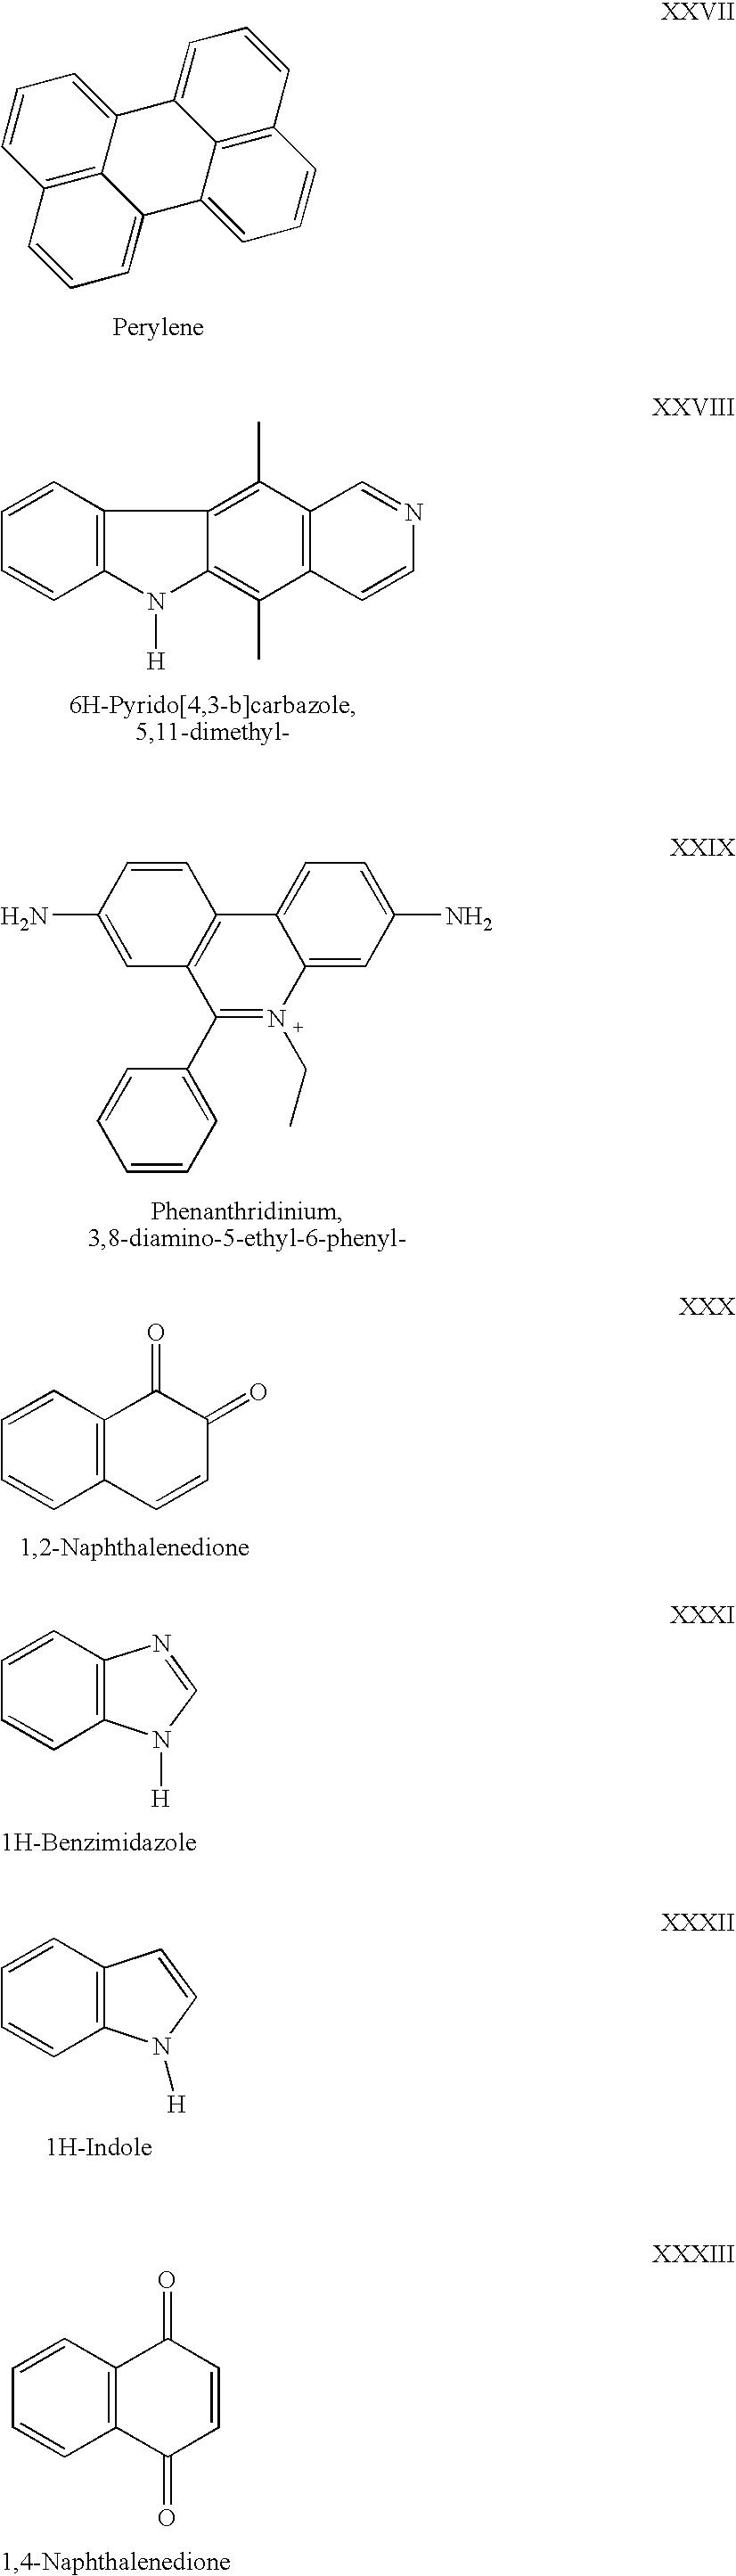 Figure US20060014144A1-20060119-C00068